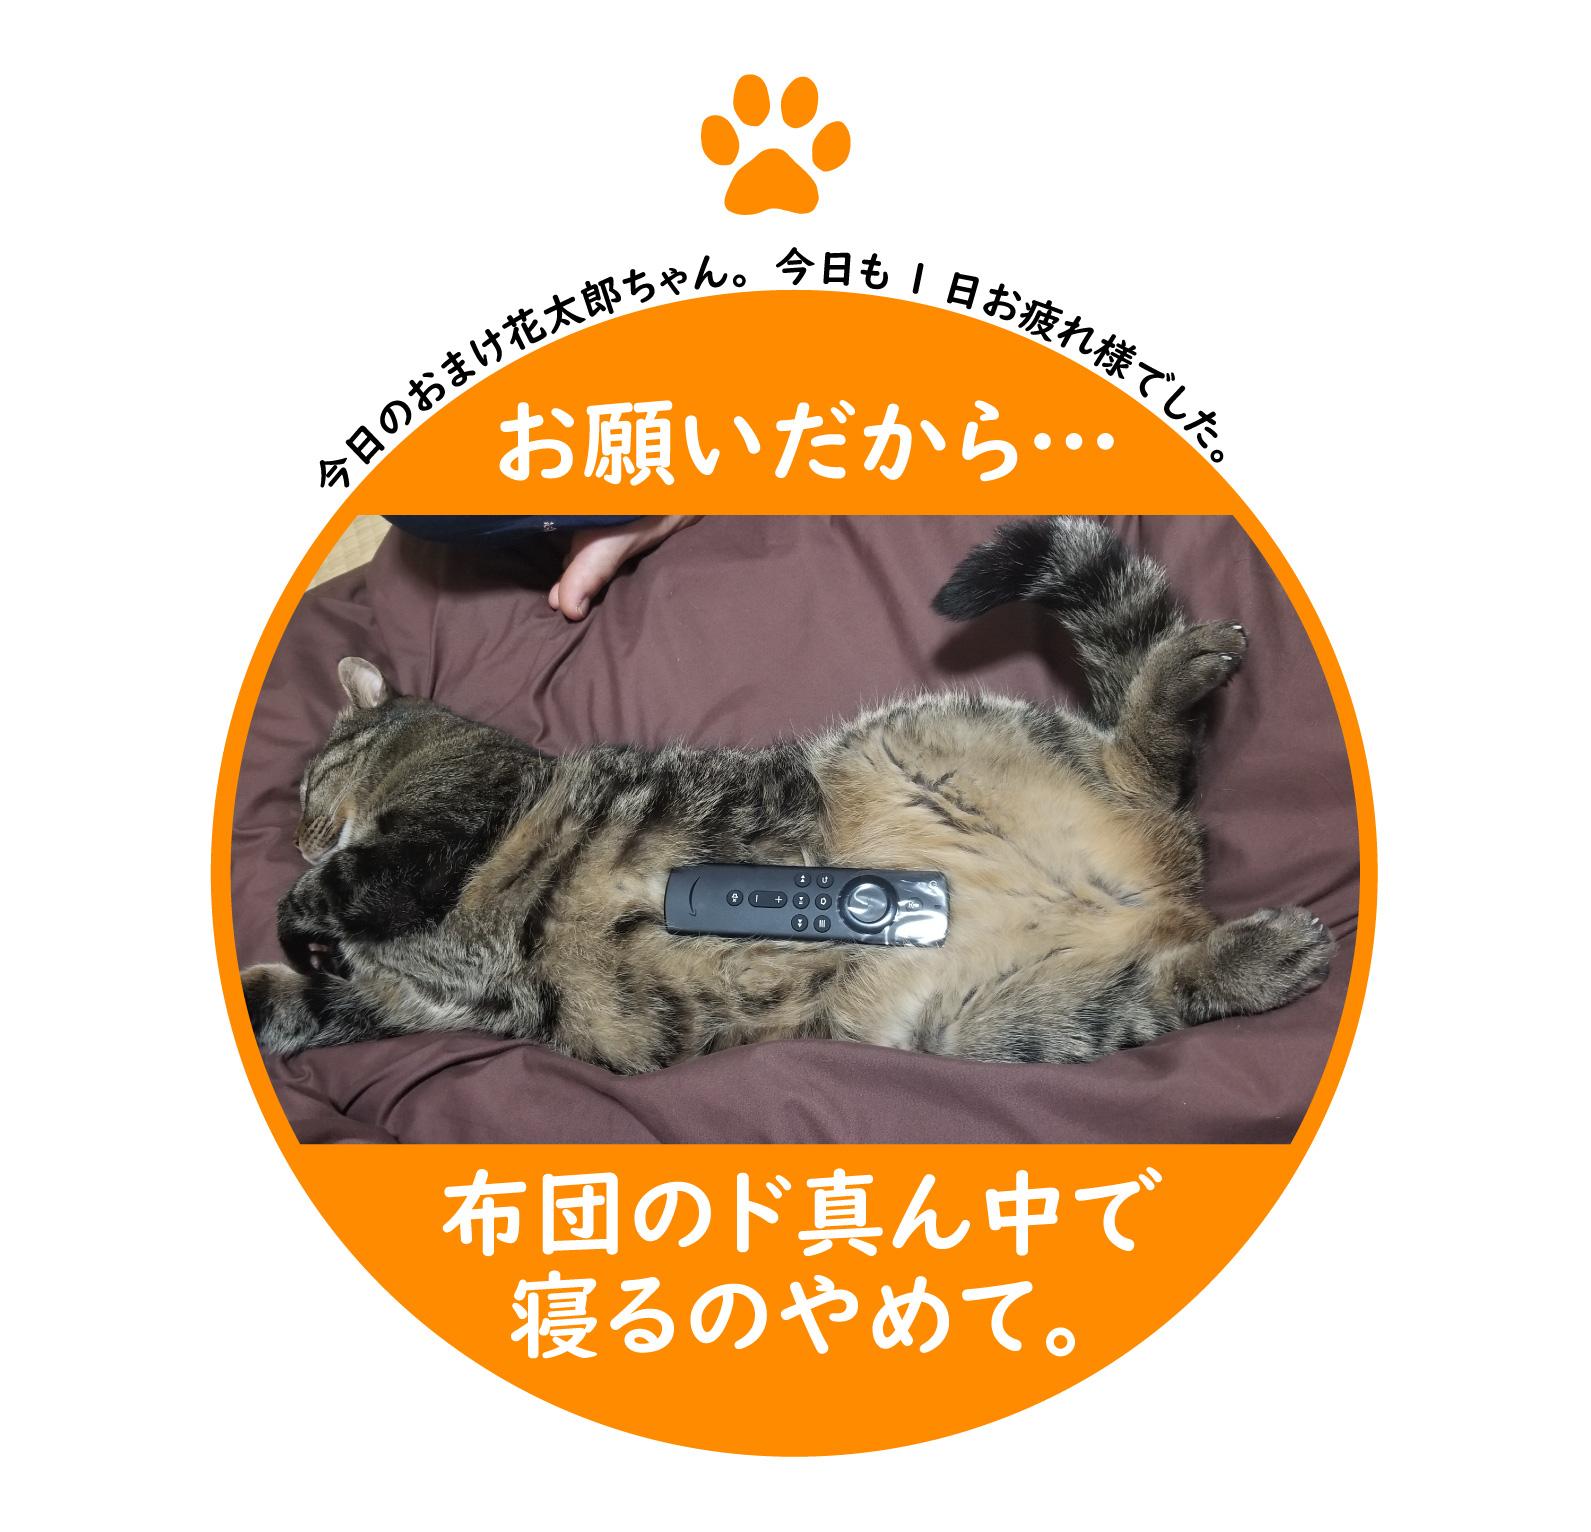 f:id:shokochun:20191222010108j:plain